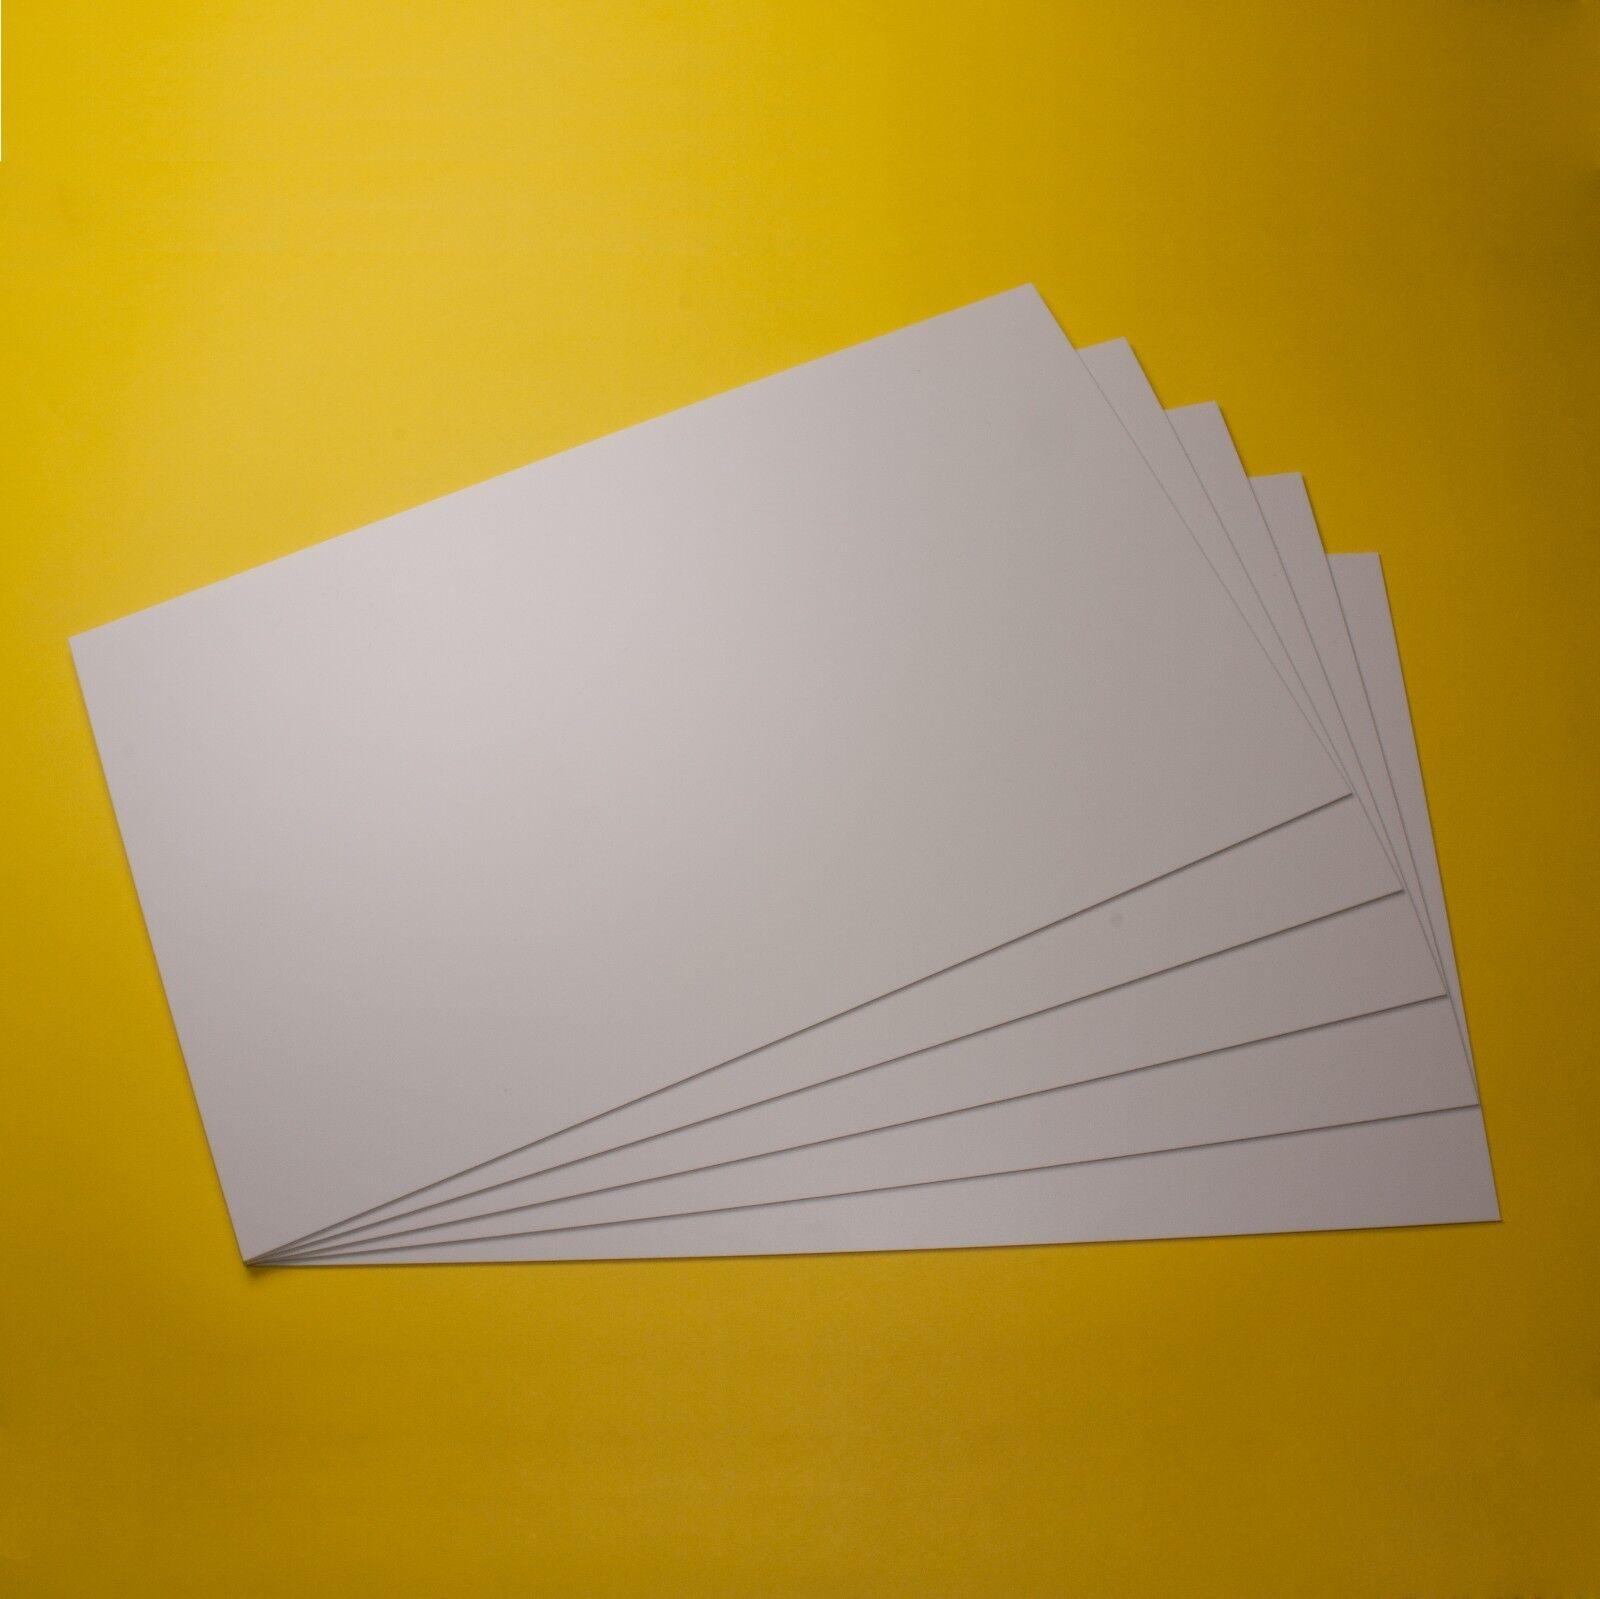 Polystyrol Platten PS Platte weiss in verschiedene Größen, Dicken und Mengen